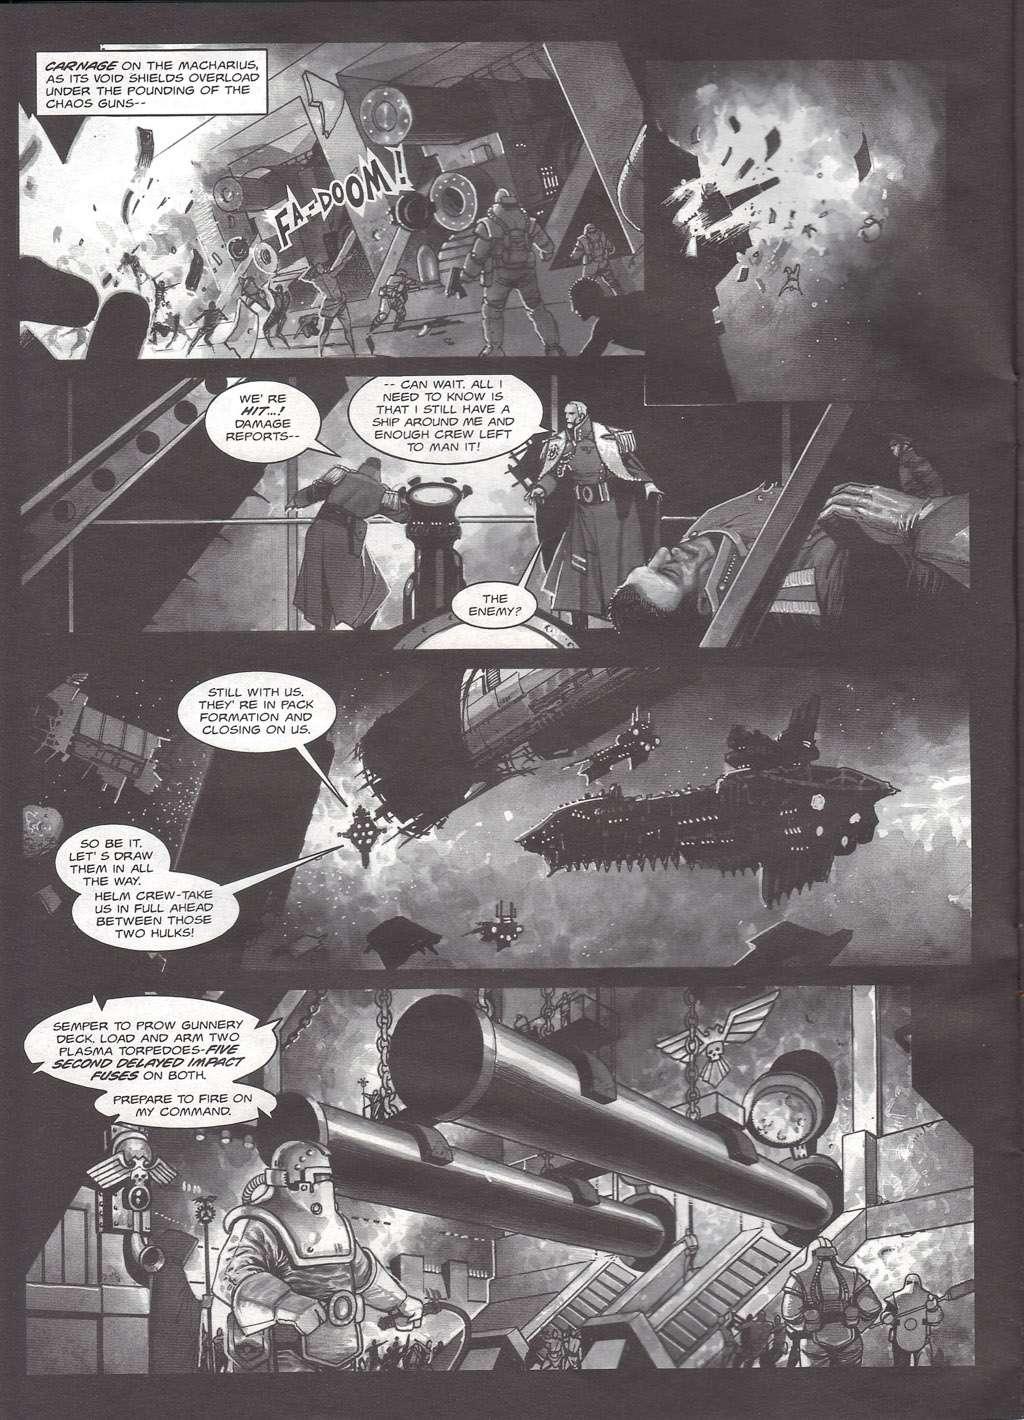 [GALERIE] Artworks - Page 7 Bfg_ge26